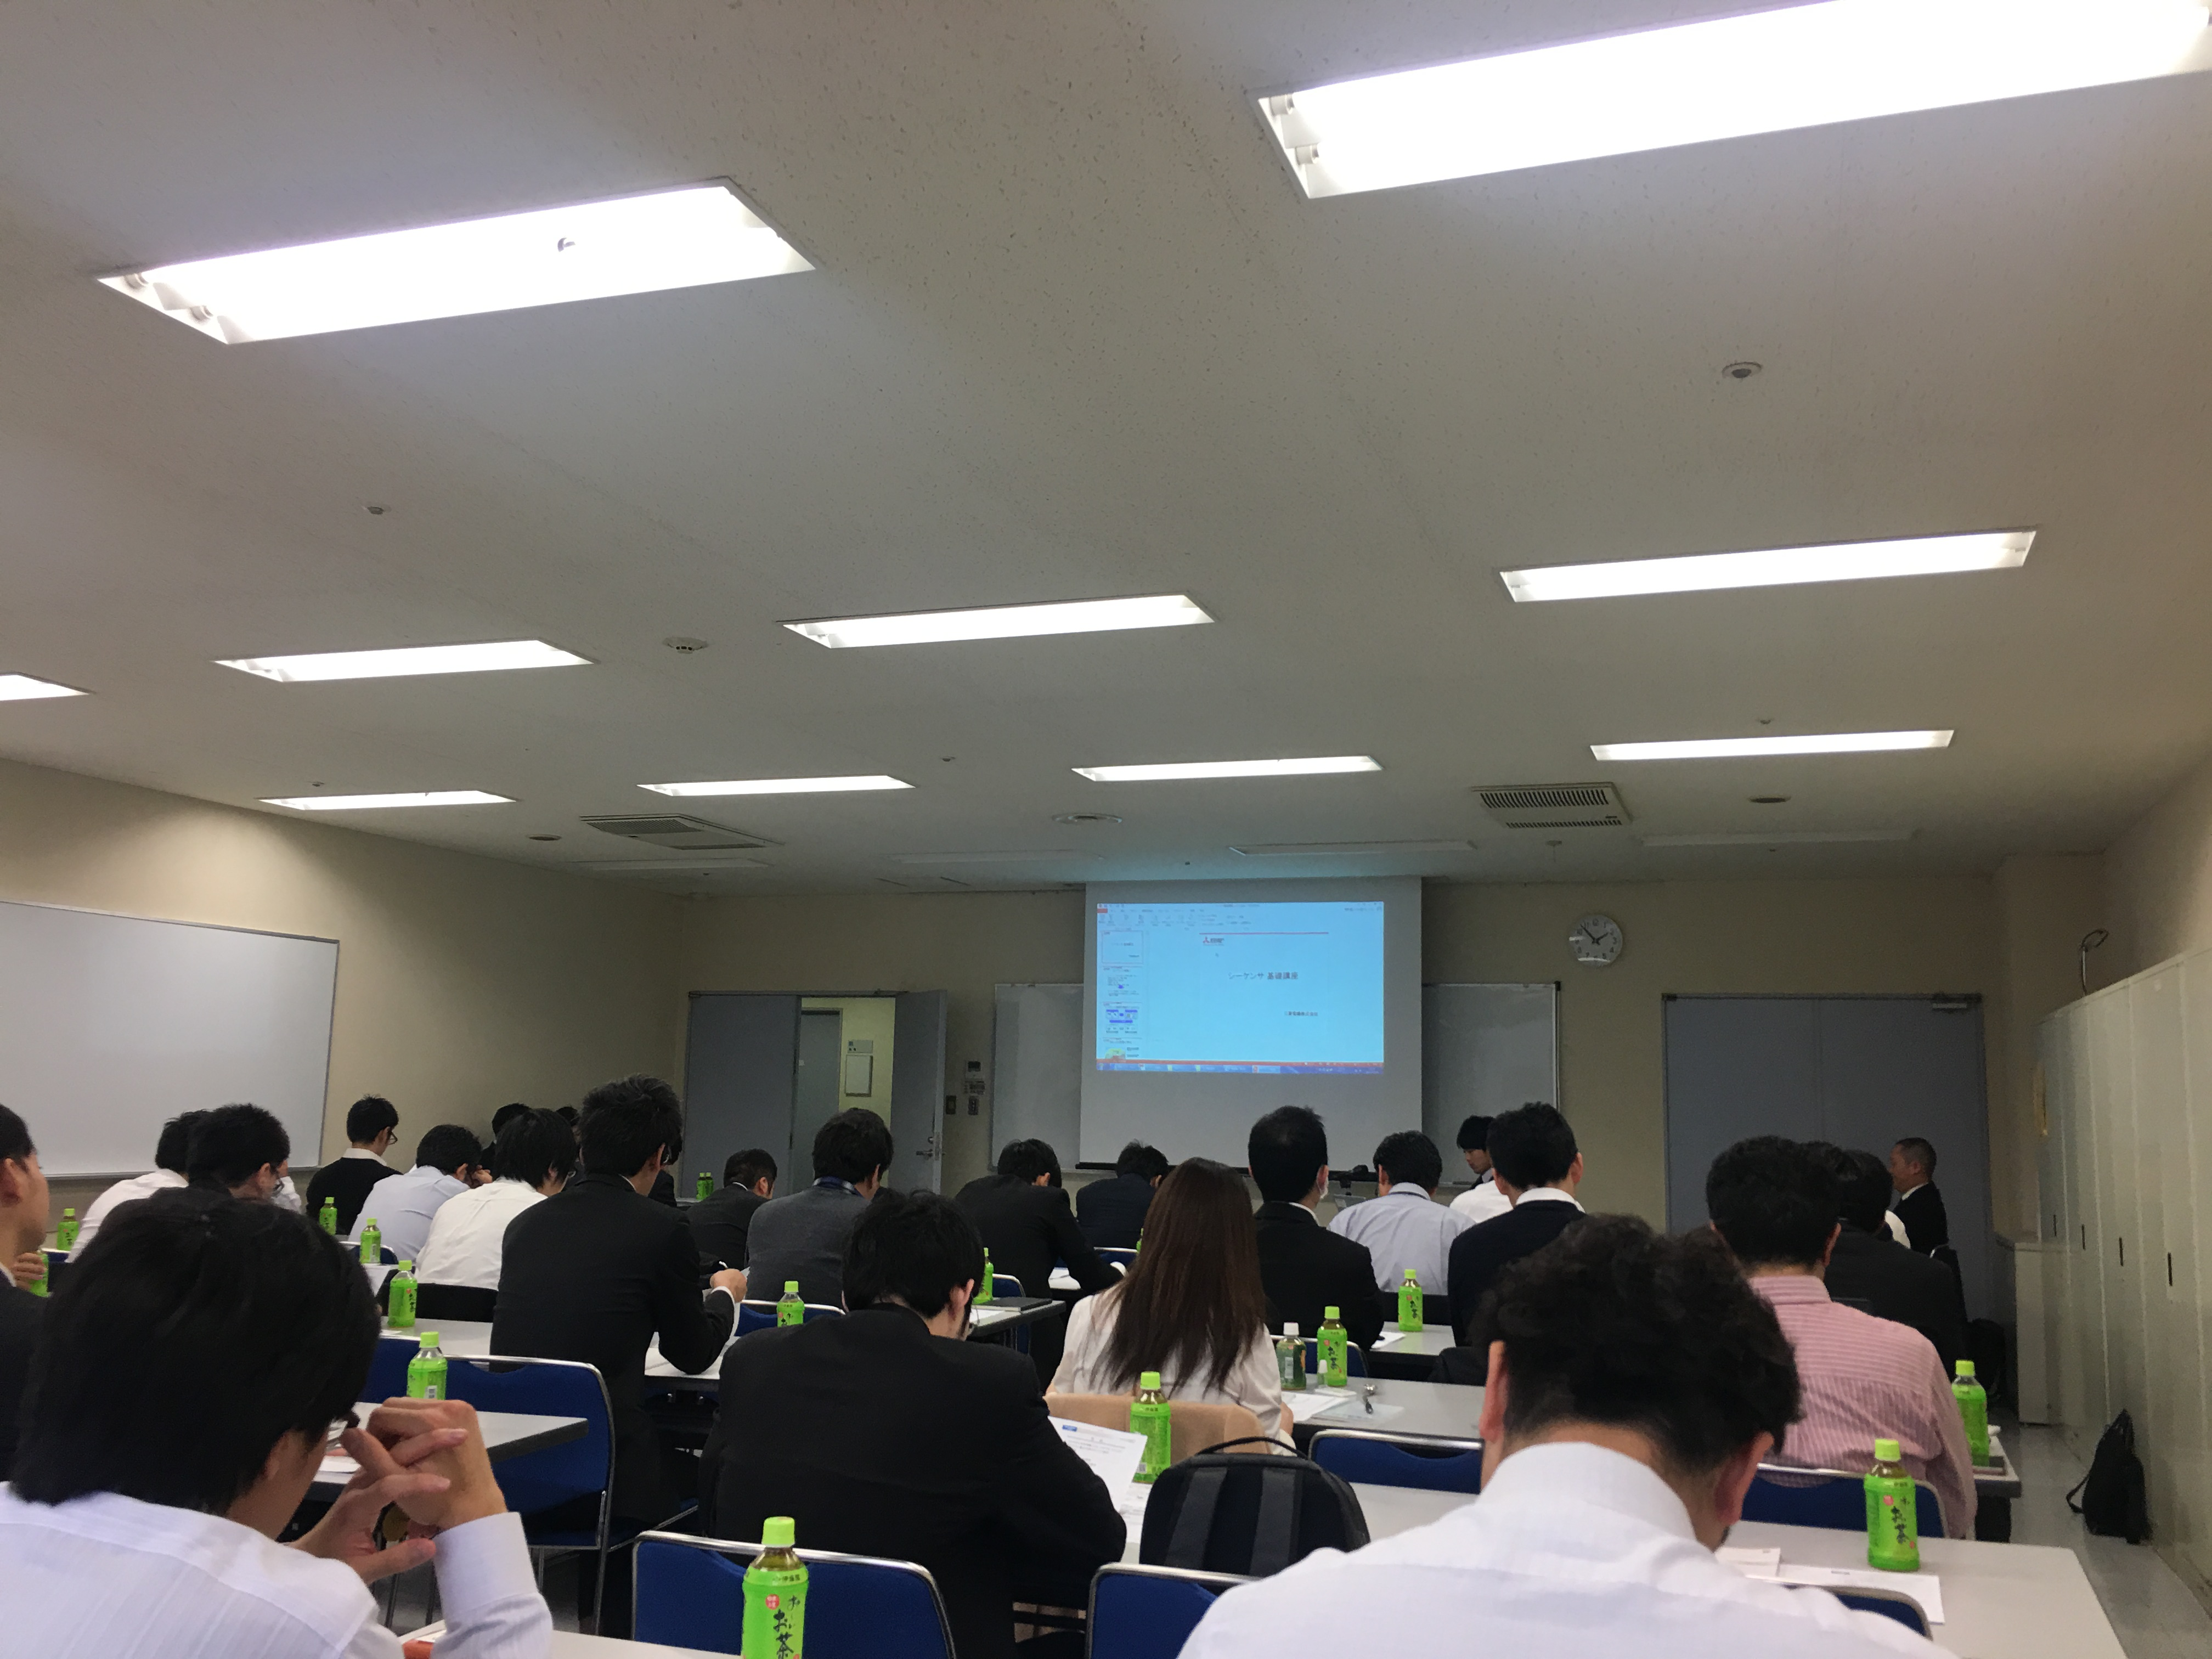 【満員御礼】第10回2017年11月14日(火)【PLC(シーケンサ)の基礎技術】【終了】